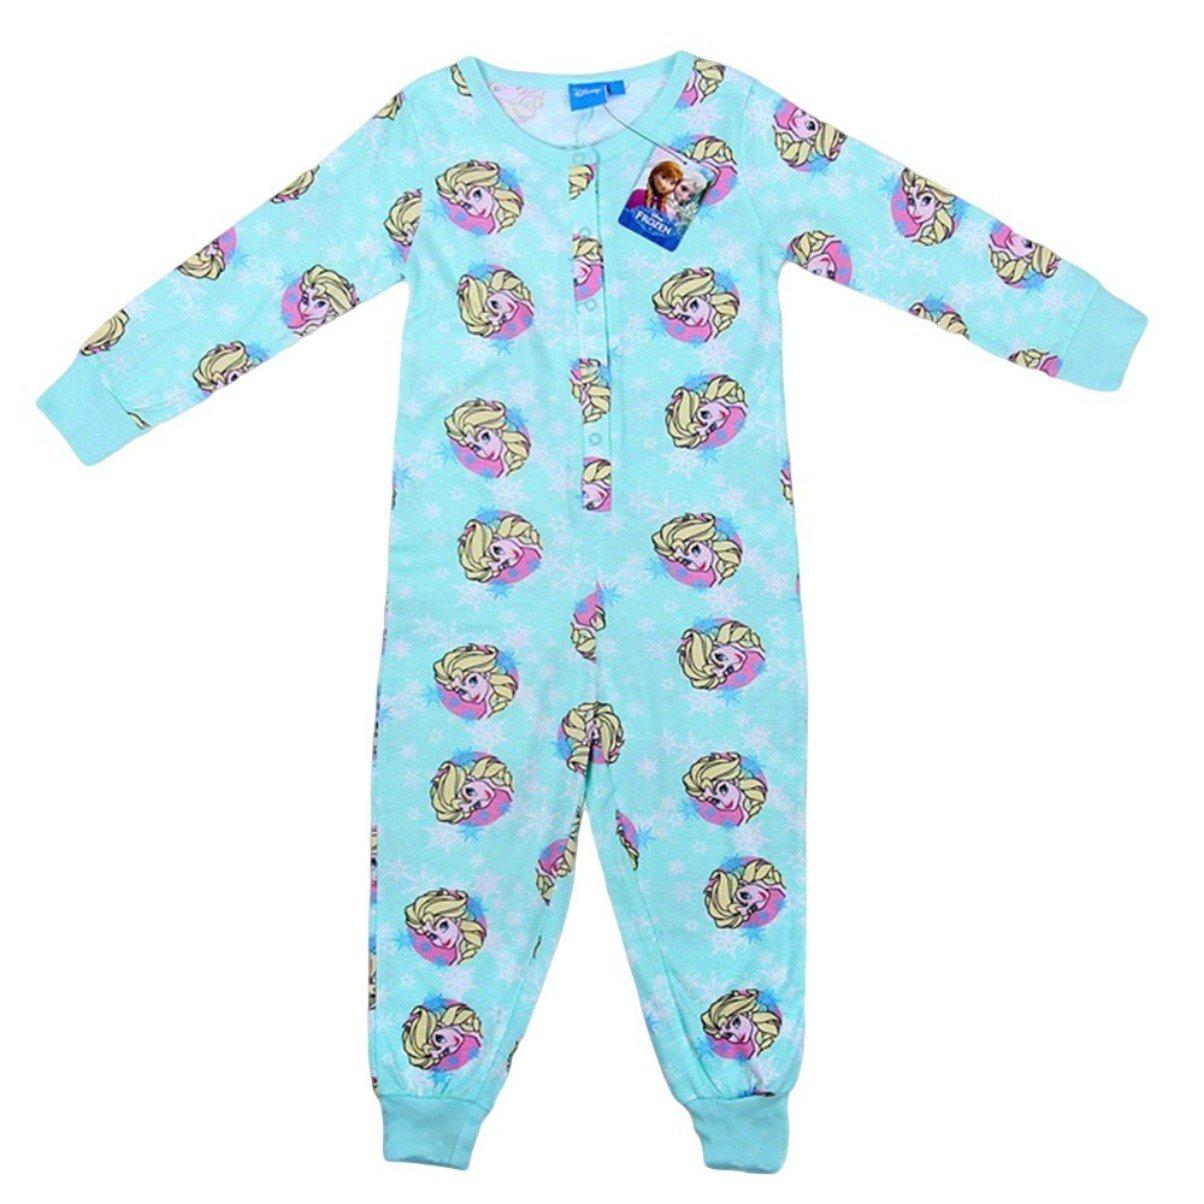 New Primark Niñas Frozen Disney Elsa de algodón pijama Edad 3 - 4yrs Sleepsuit todo en uno traje de bebé Romper Jumpsuit: Amazon.es: Ropa y accesorios